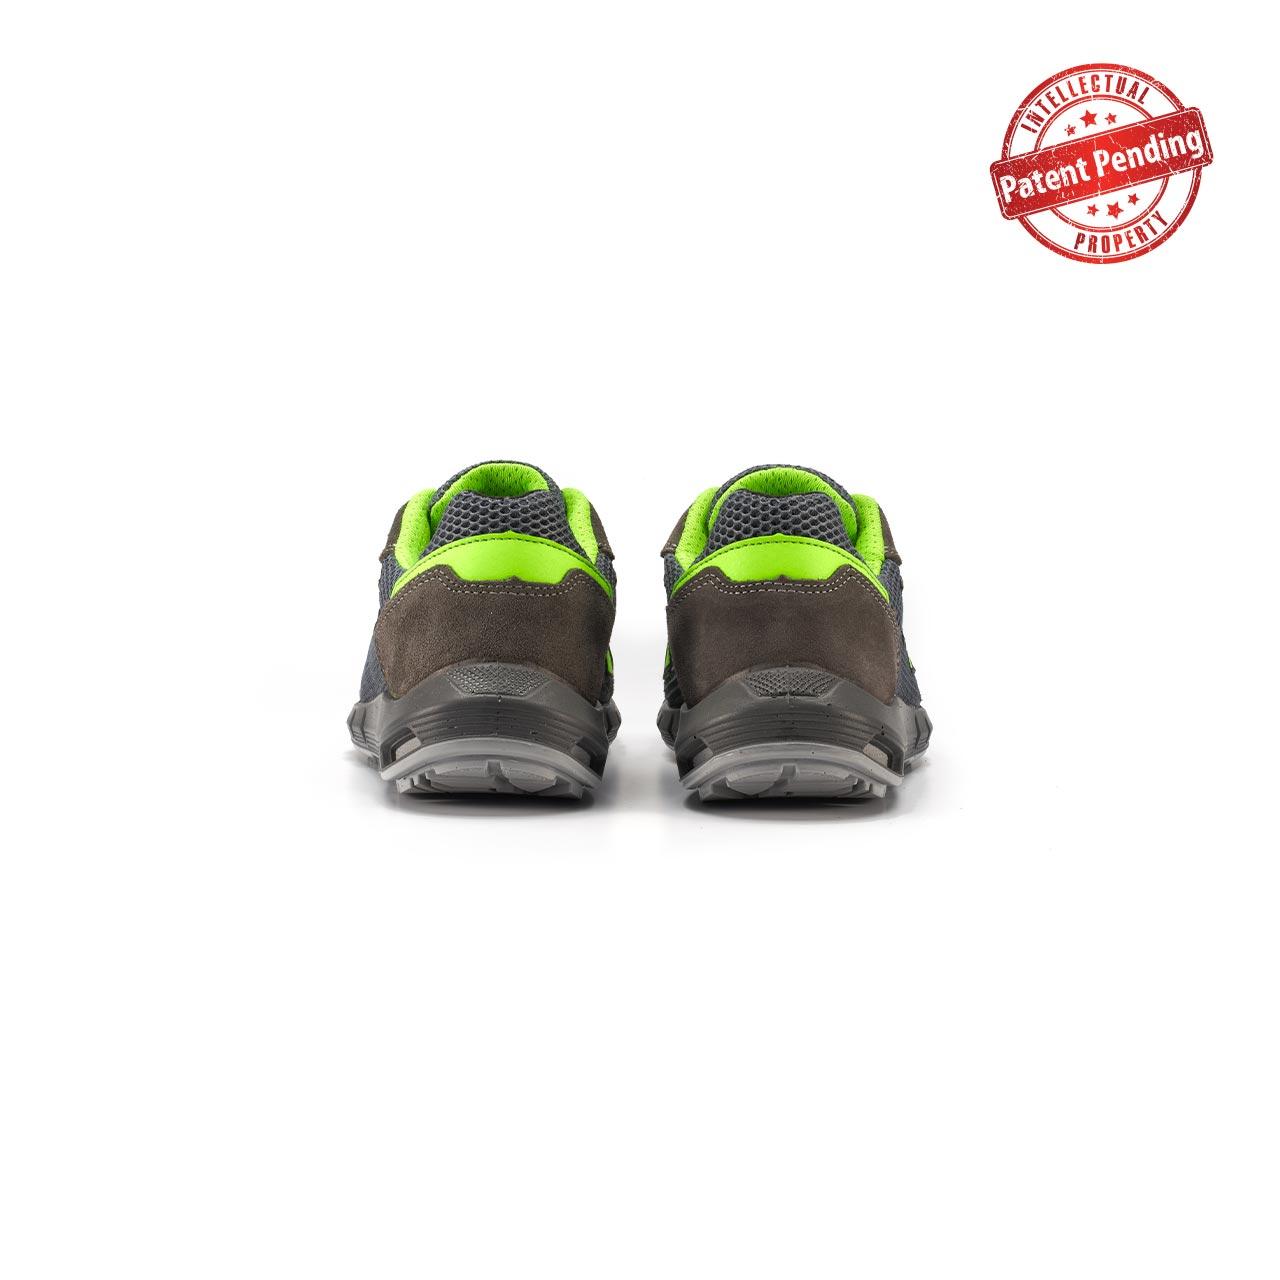 paio di scarpe antinfortunistiche upower modello gemini linea redup plus vista retro